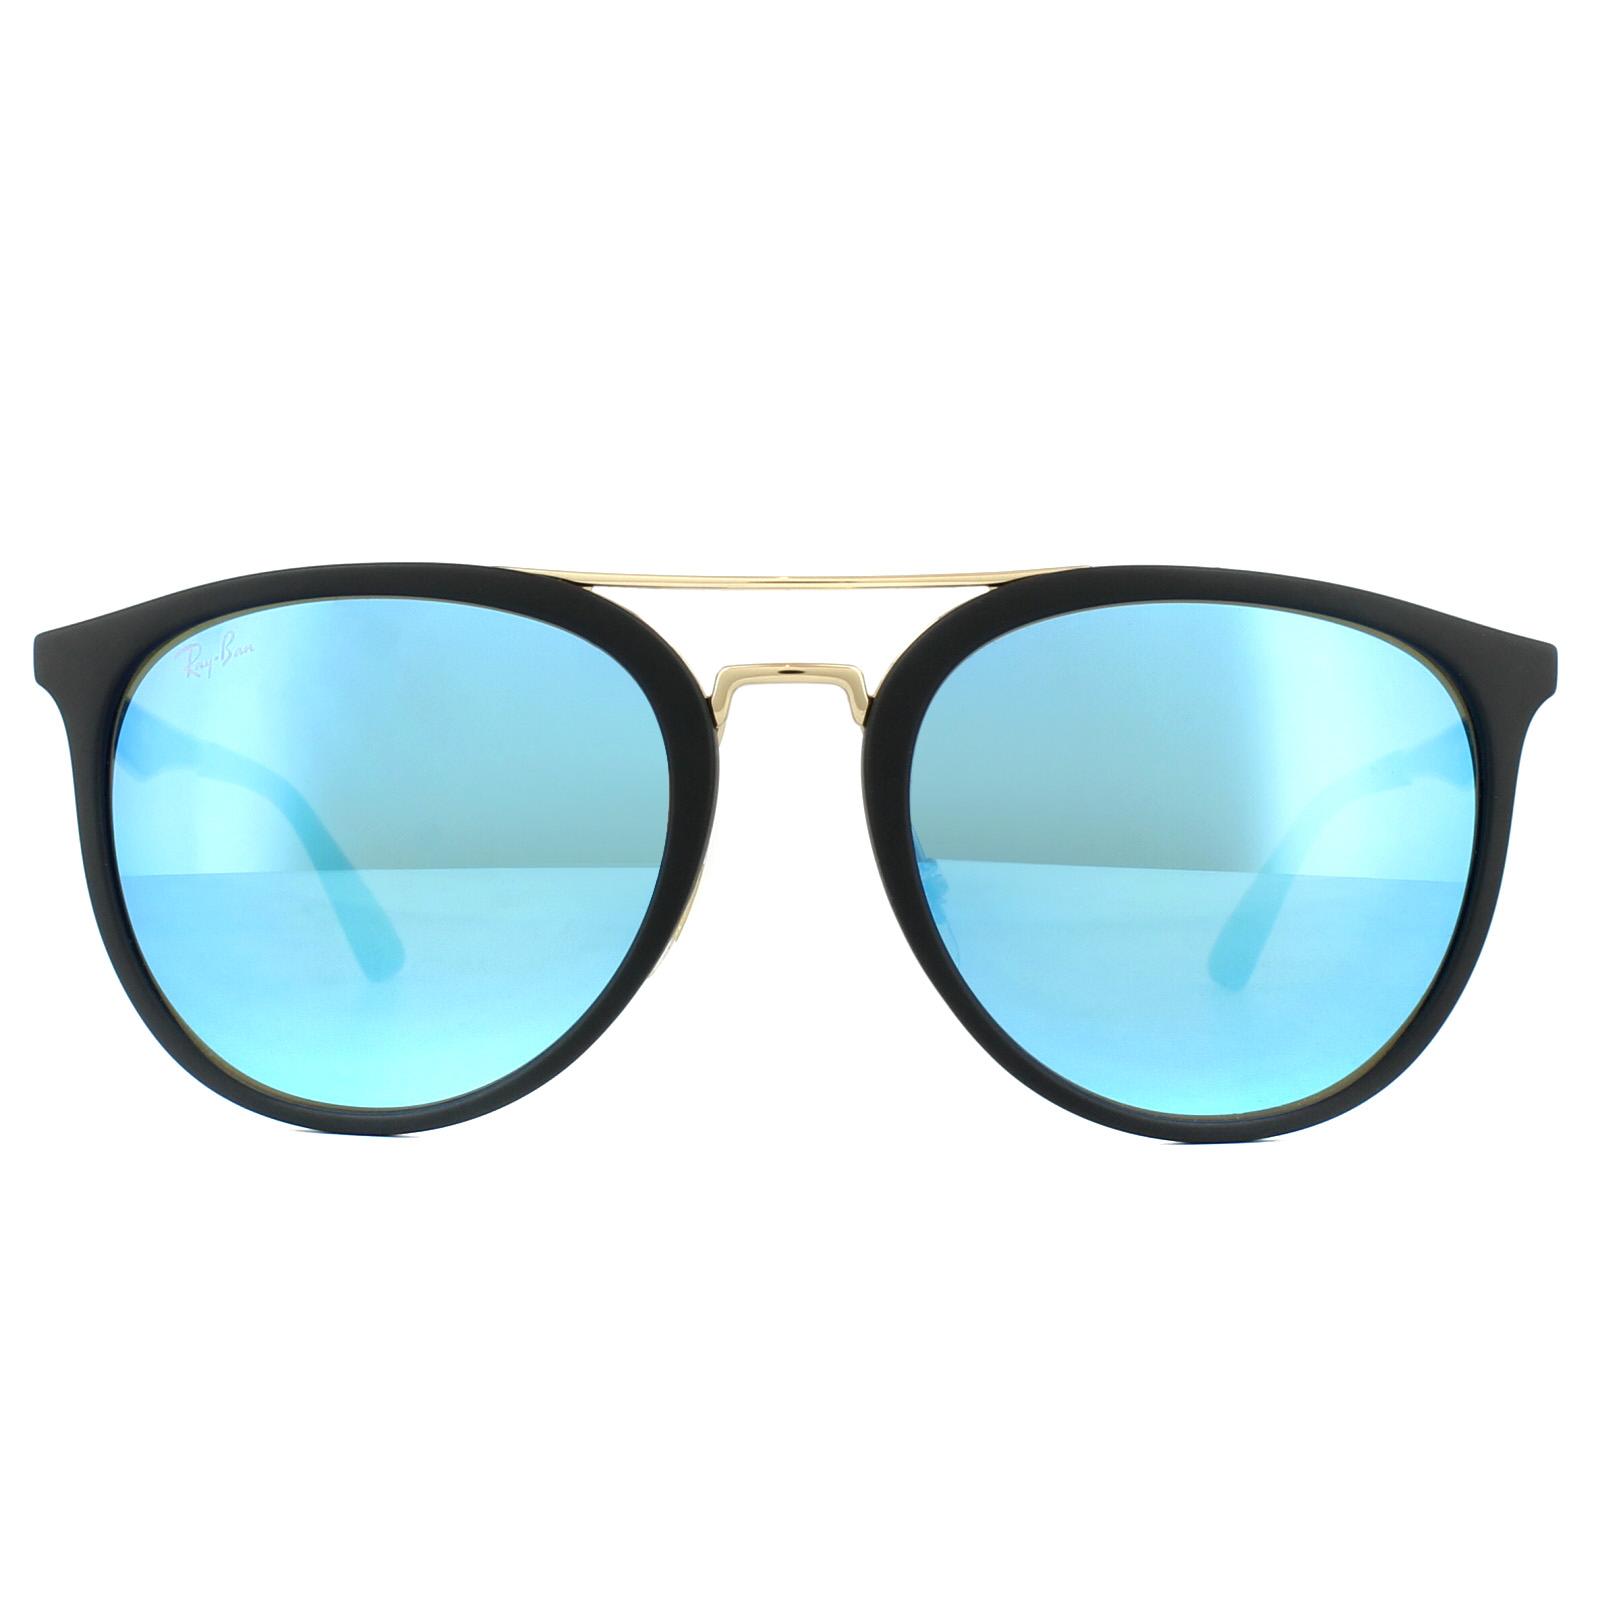 94bd25b6d7 Ray-Ban Occhiali da Sole Rb4285 601s55 Nero Blu a Specchio